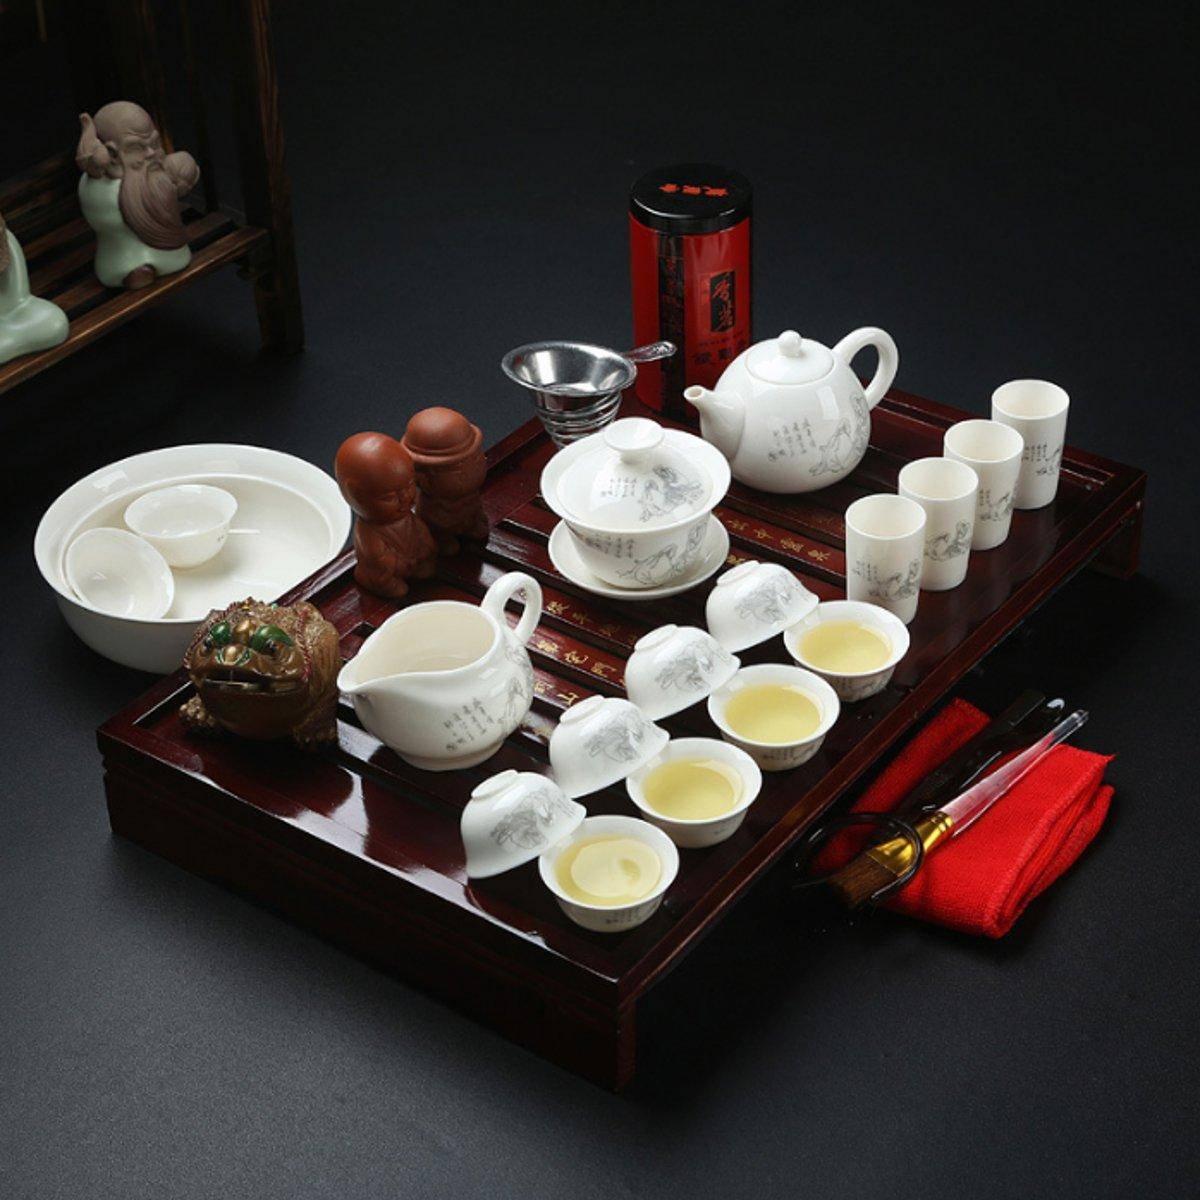 Традиции чайных церемоний: как пьют чай в разных странах